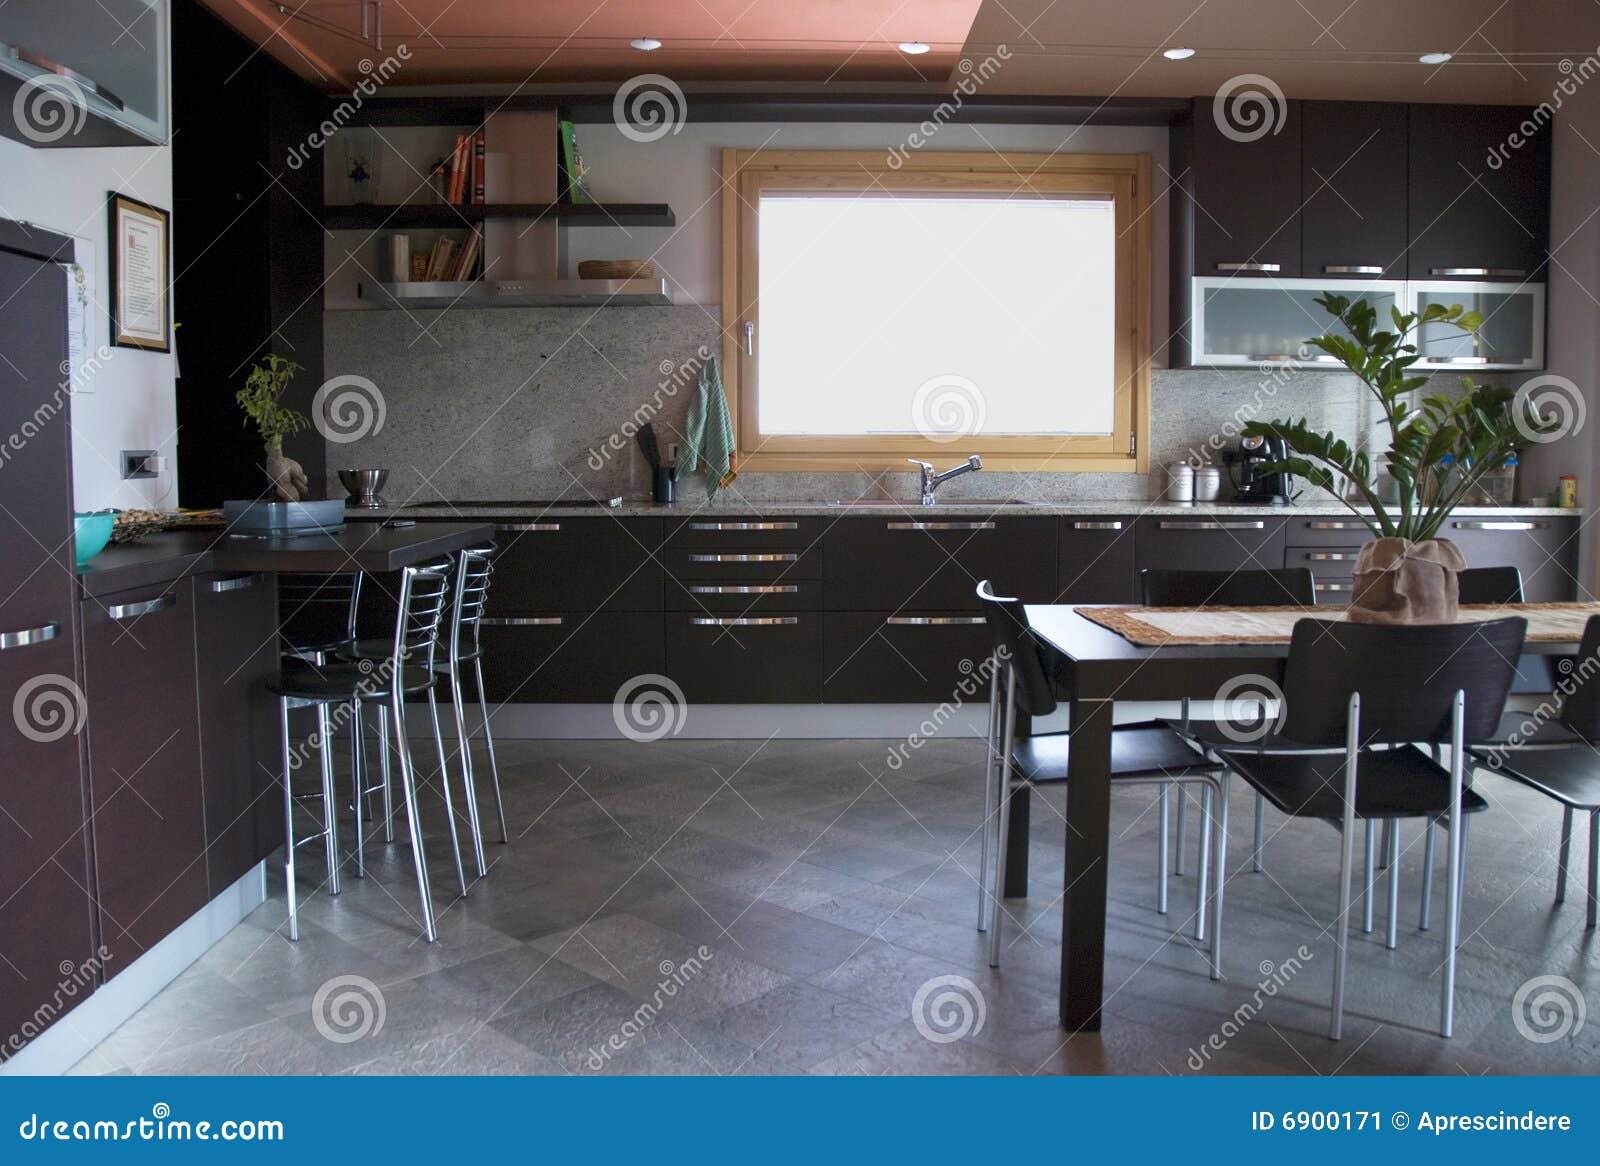 Modern kitchen - interior